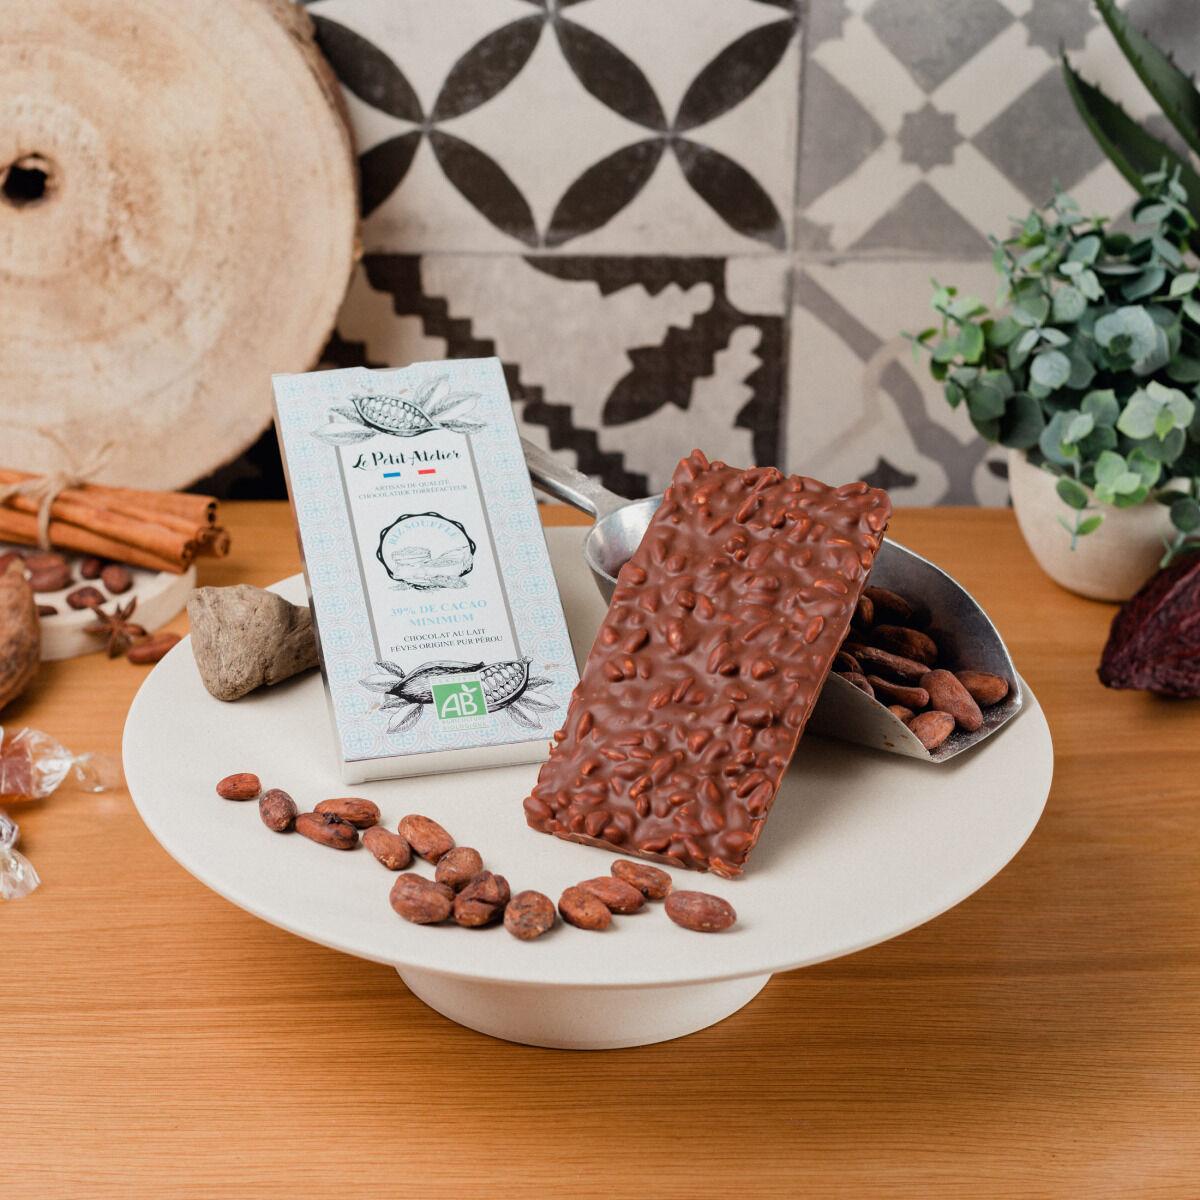 Le Petit Atelier Tablette De Chocolat Au Lait Bio Au Riz Soufflé